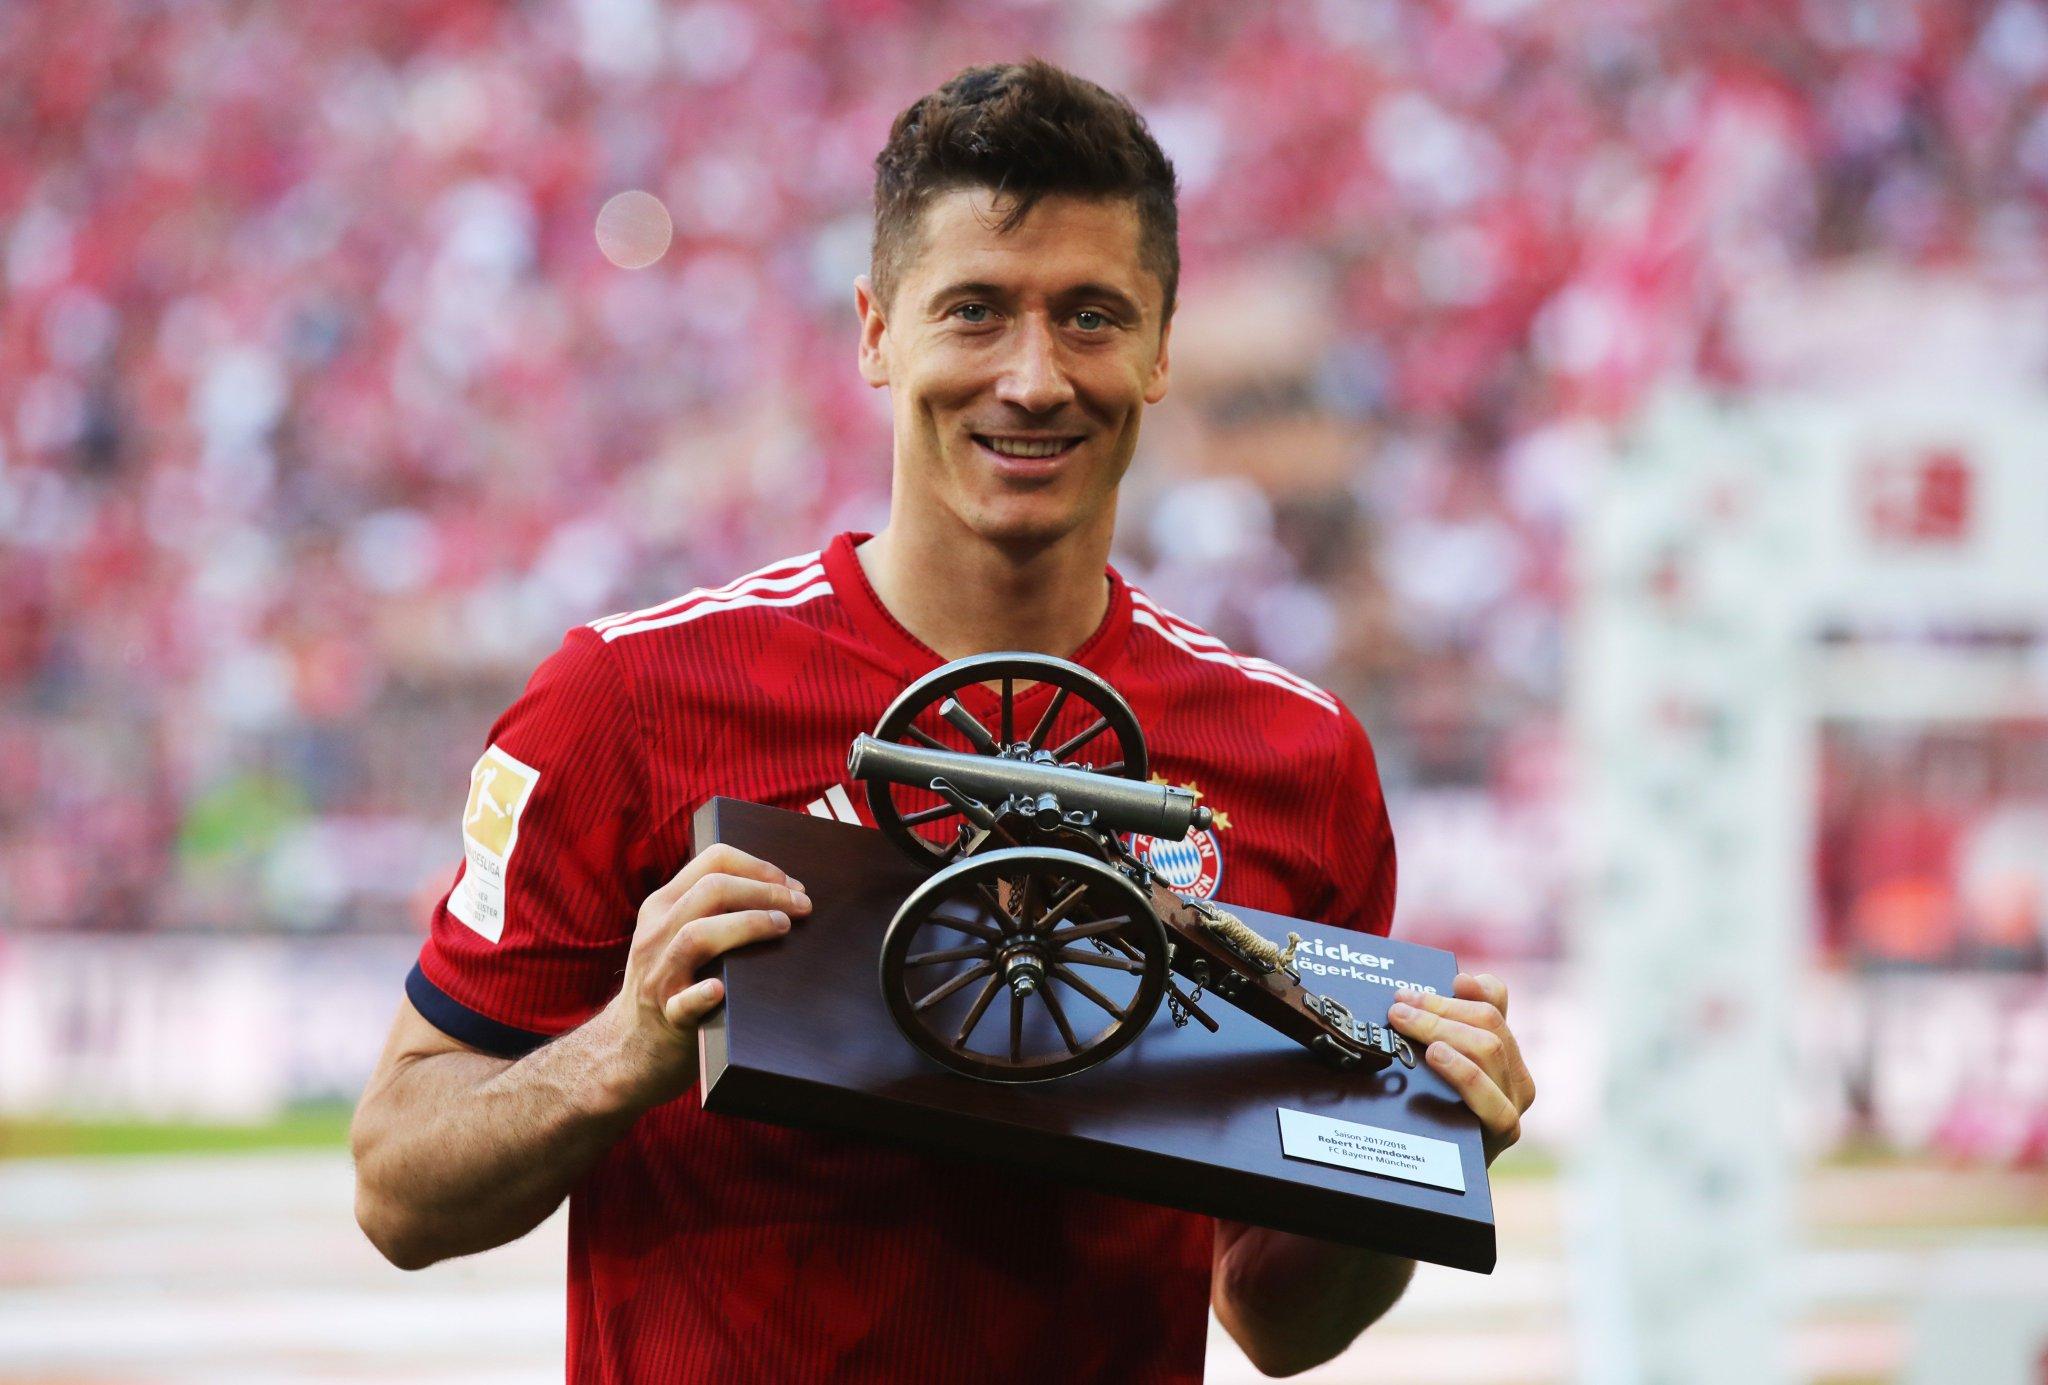 ���� Robert Lewandowski ��  Bundesliga top scorer ✔️ World Cup Golden Boot? ��  #UCL https://t.co/W9takOs4RM